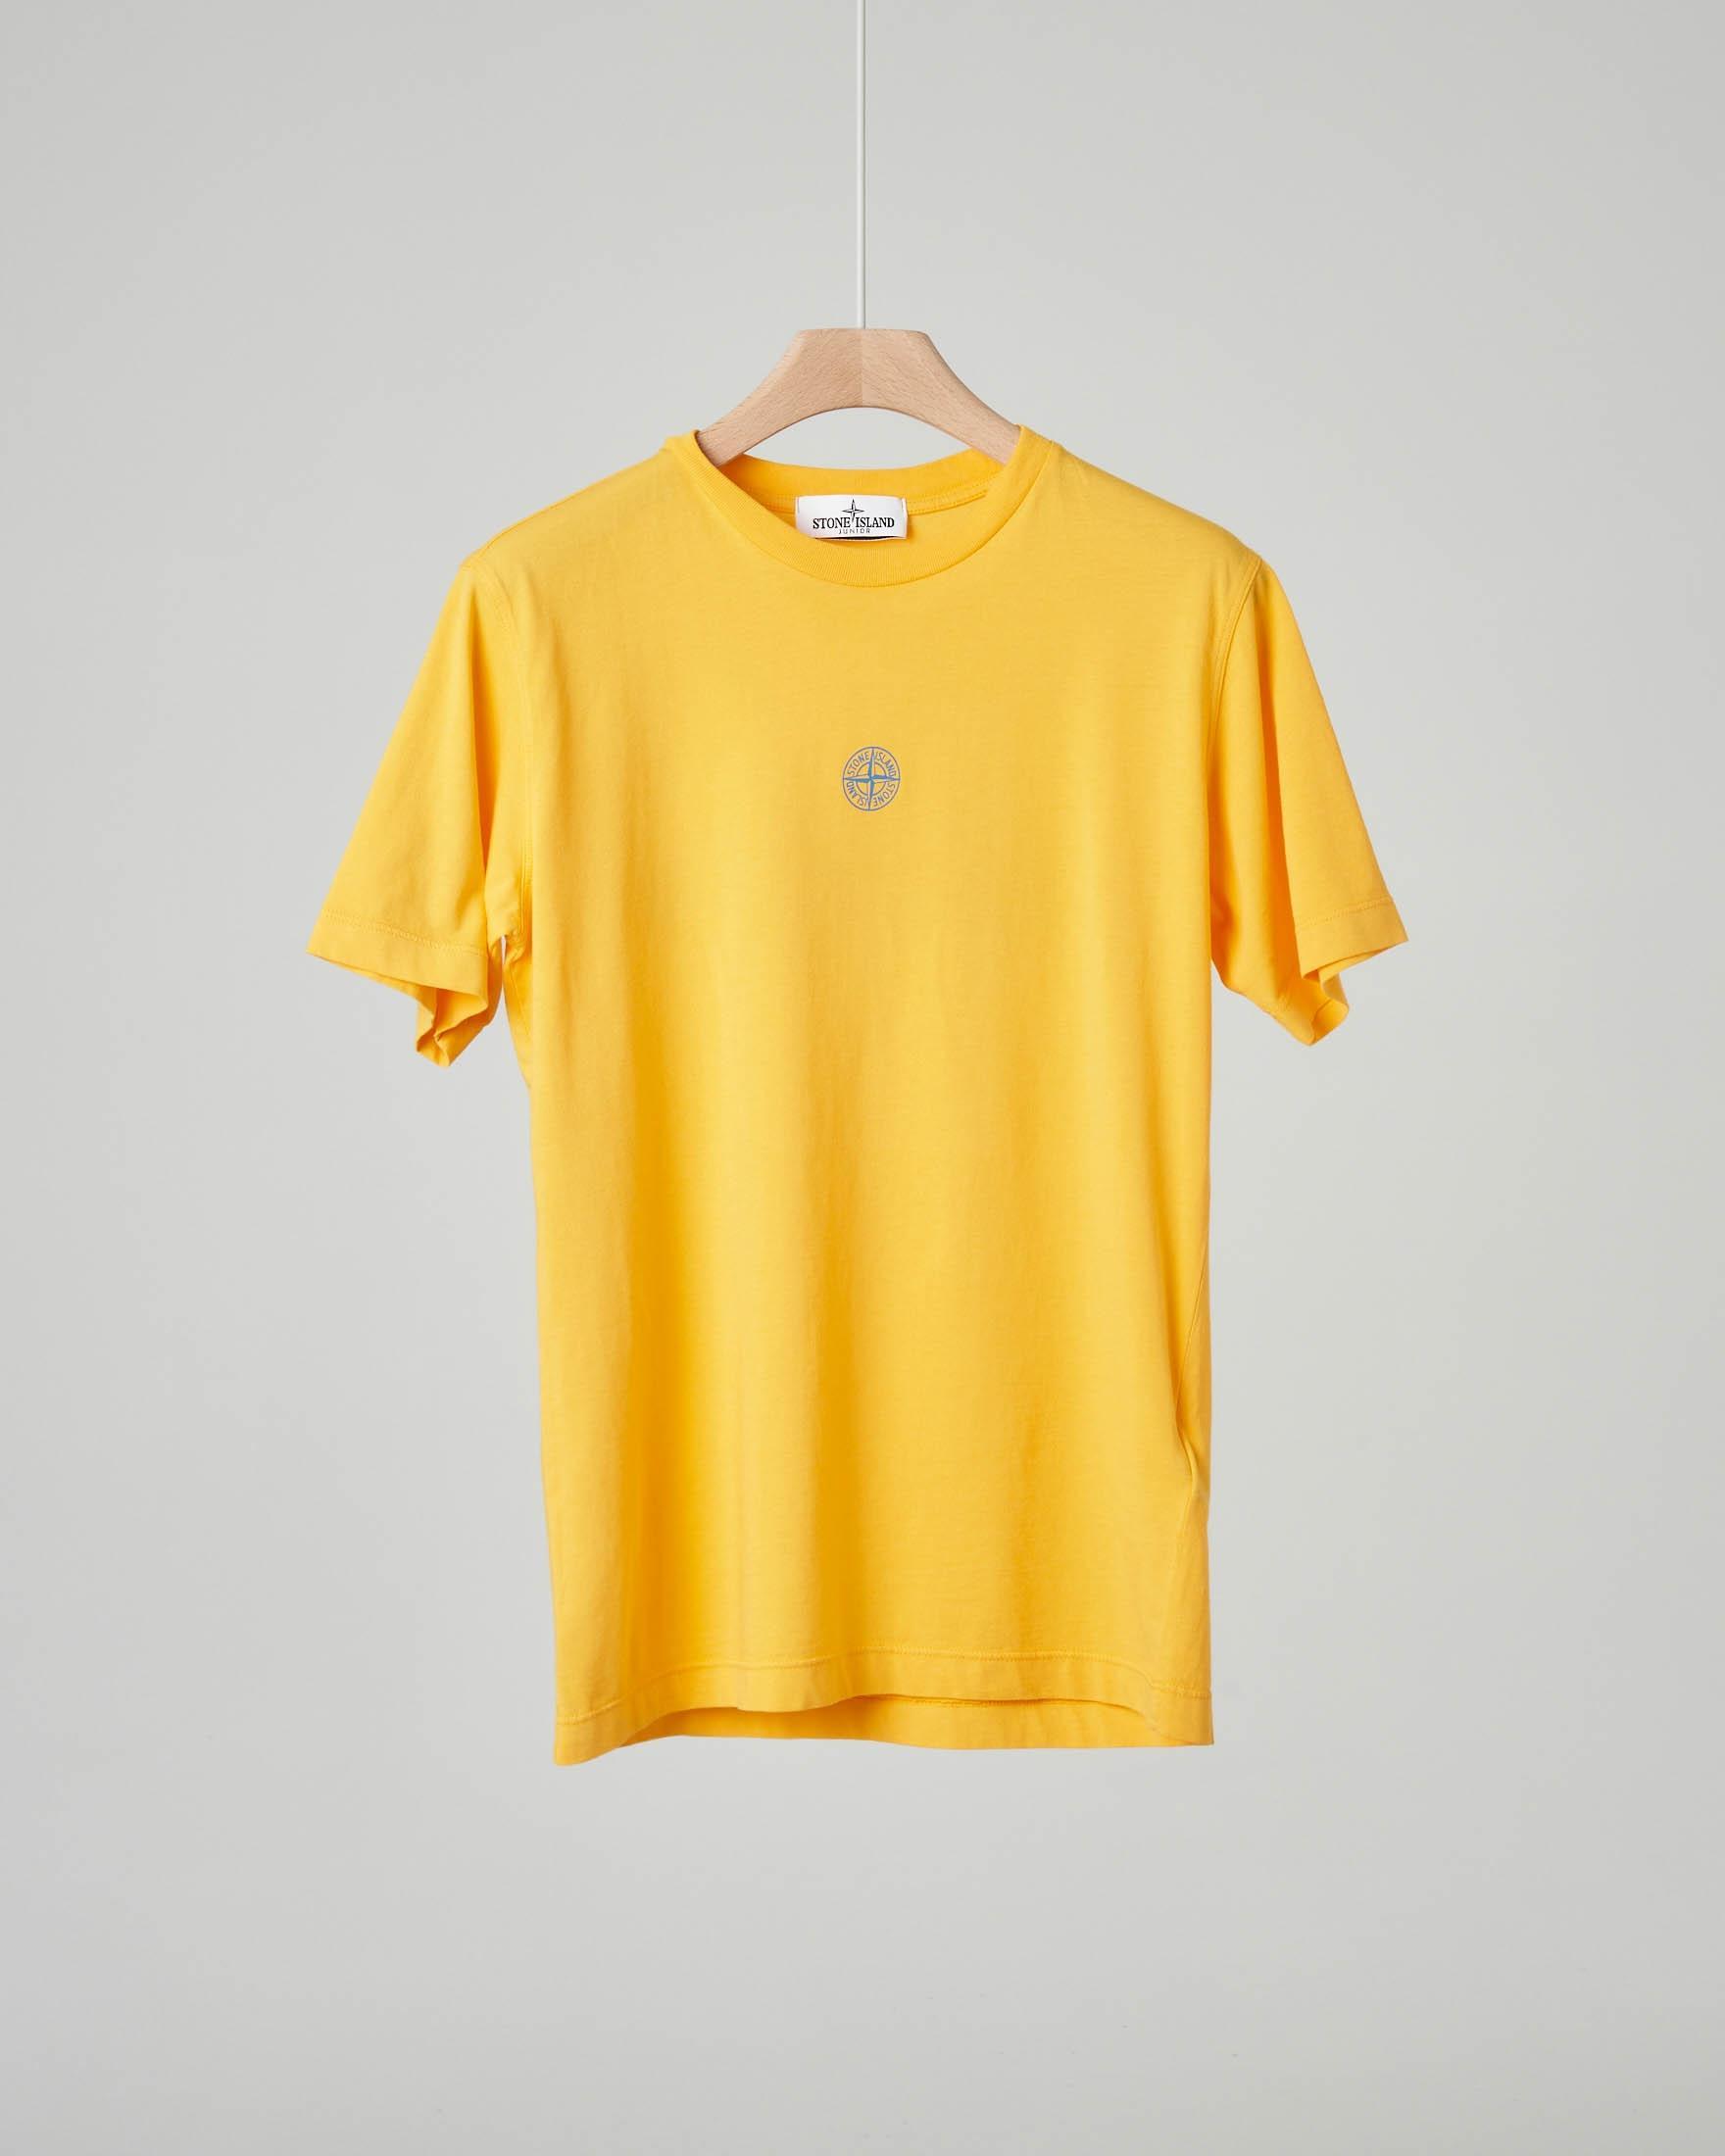 T-shirt gialla con stampa logo e rosa dei venti sul retro 8 anni